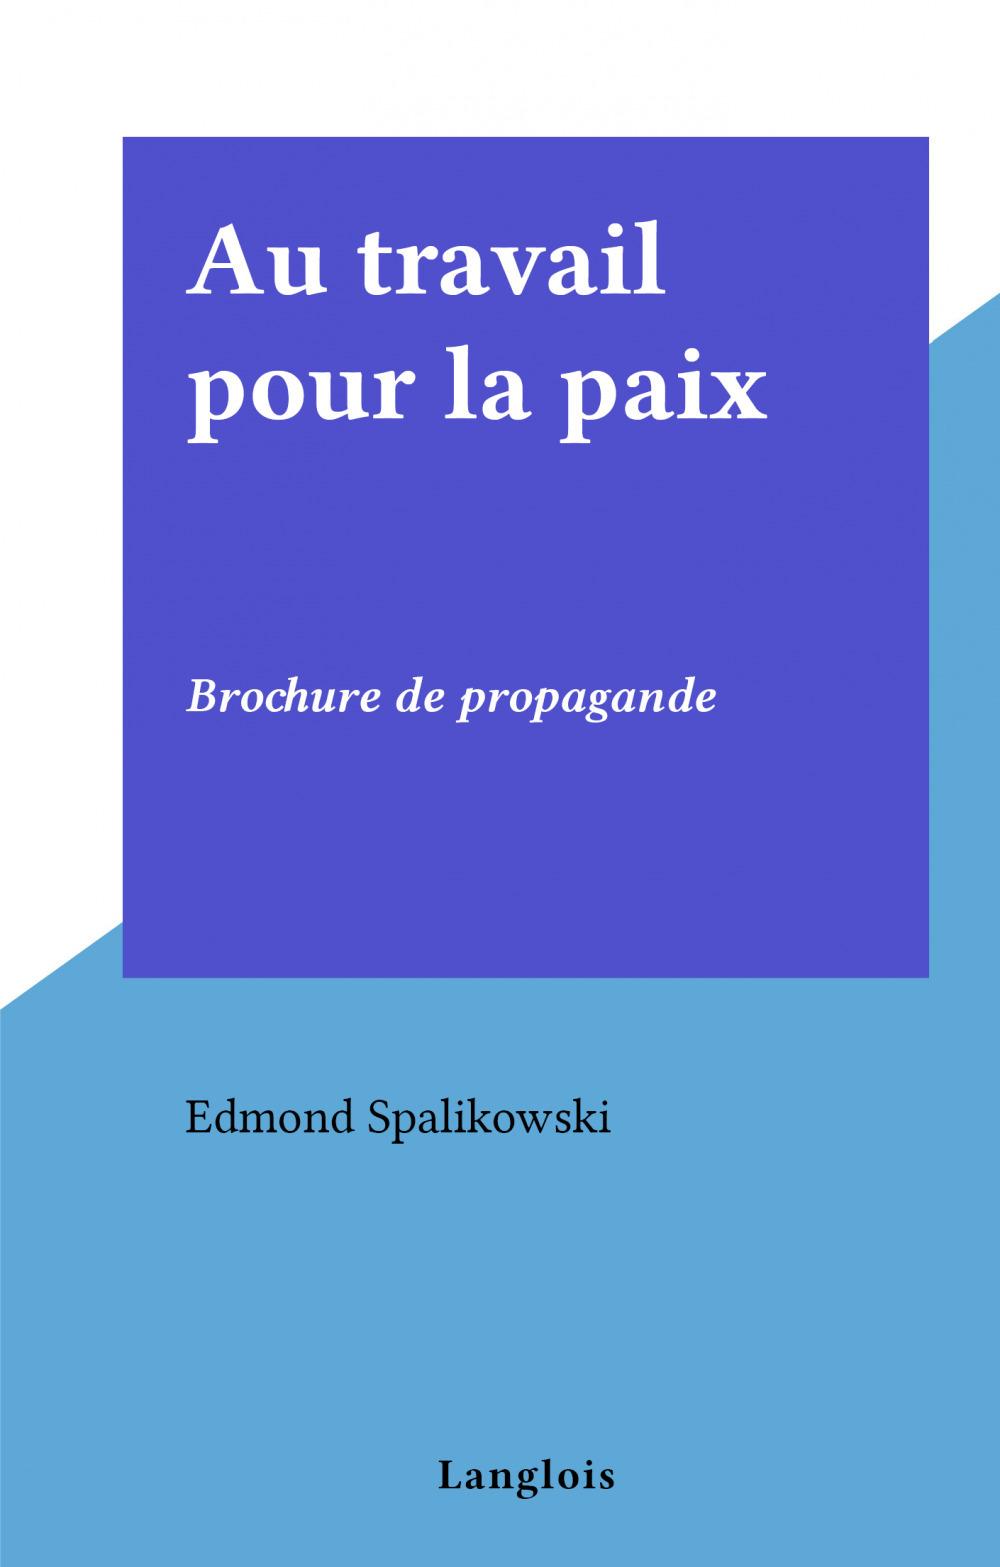 Au travail pour la paix  - Edmond Spalikowski